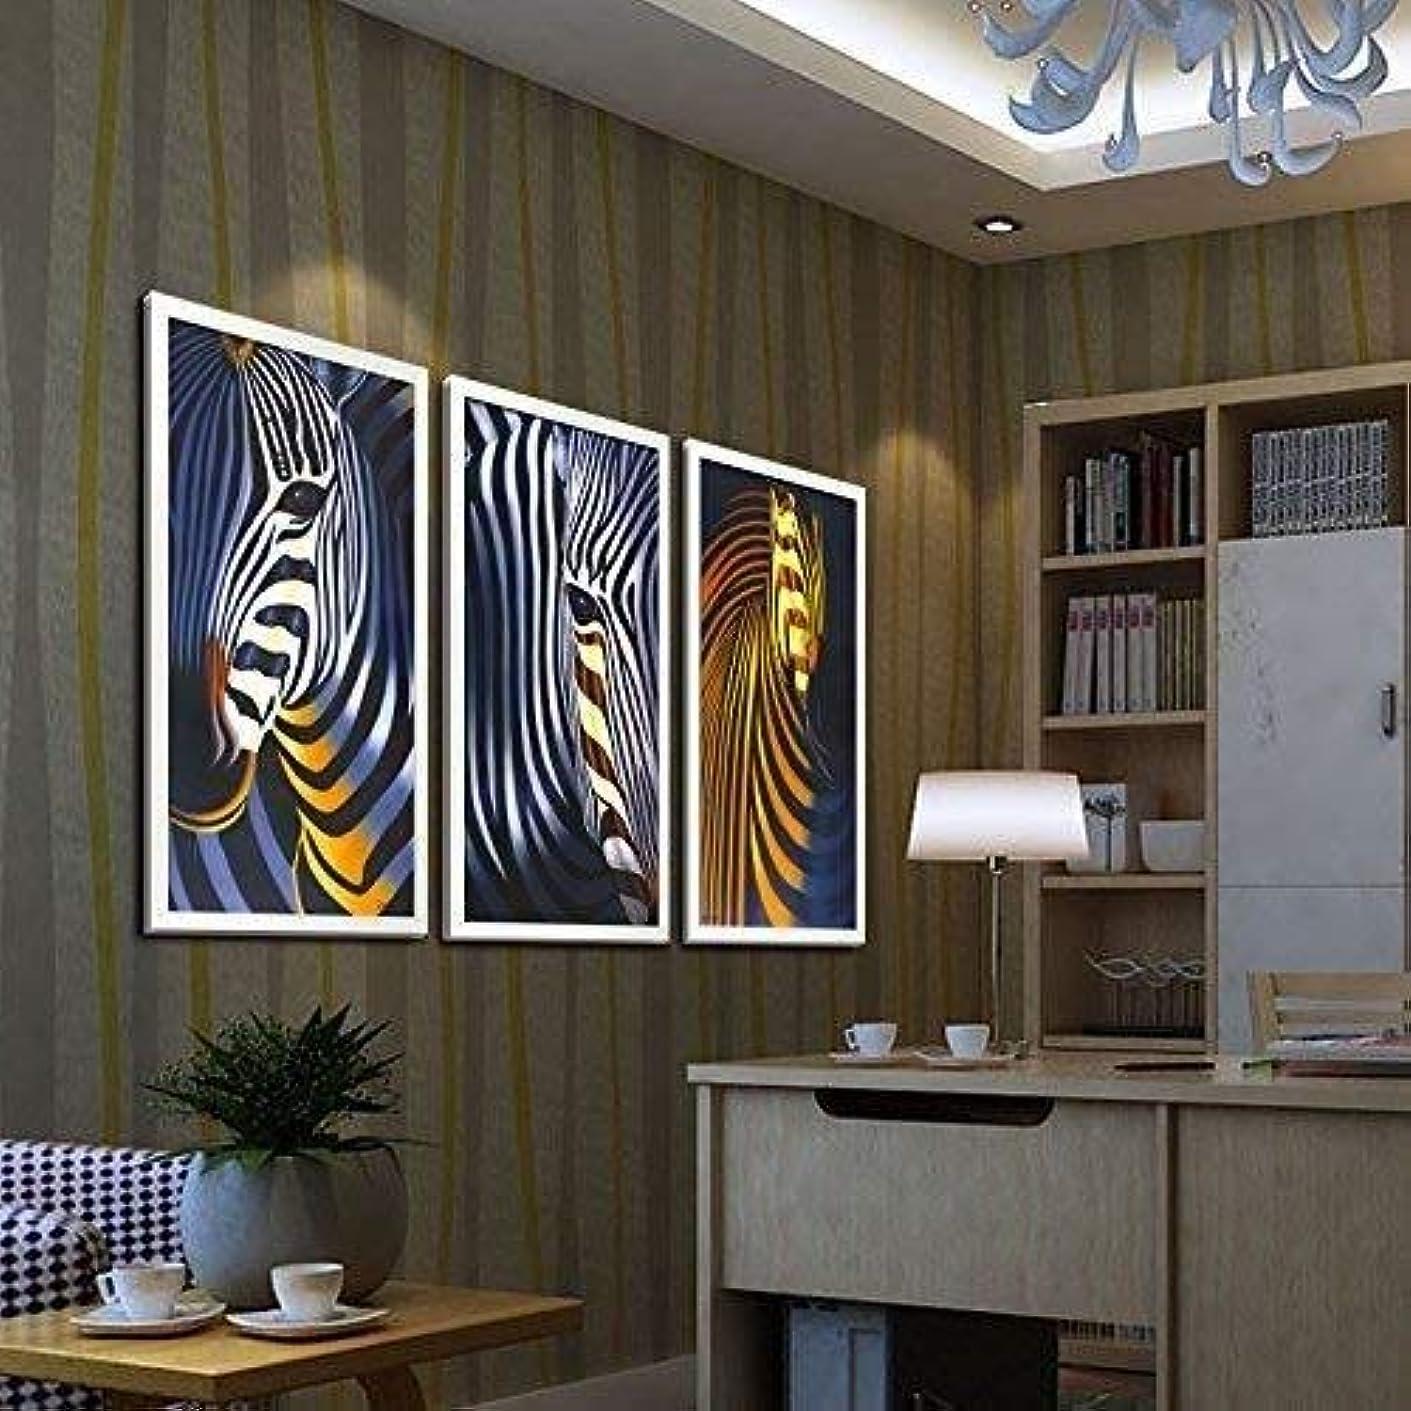 到着する品騙す壁の彫刻 ピクチャーウォールルームハイ近代品質デコレーションPaintingthe鮮やかなダイニング装飾レストランMuralsturdy簡単Abstractprocessフレーム 壁飾り